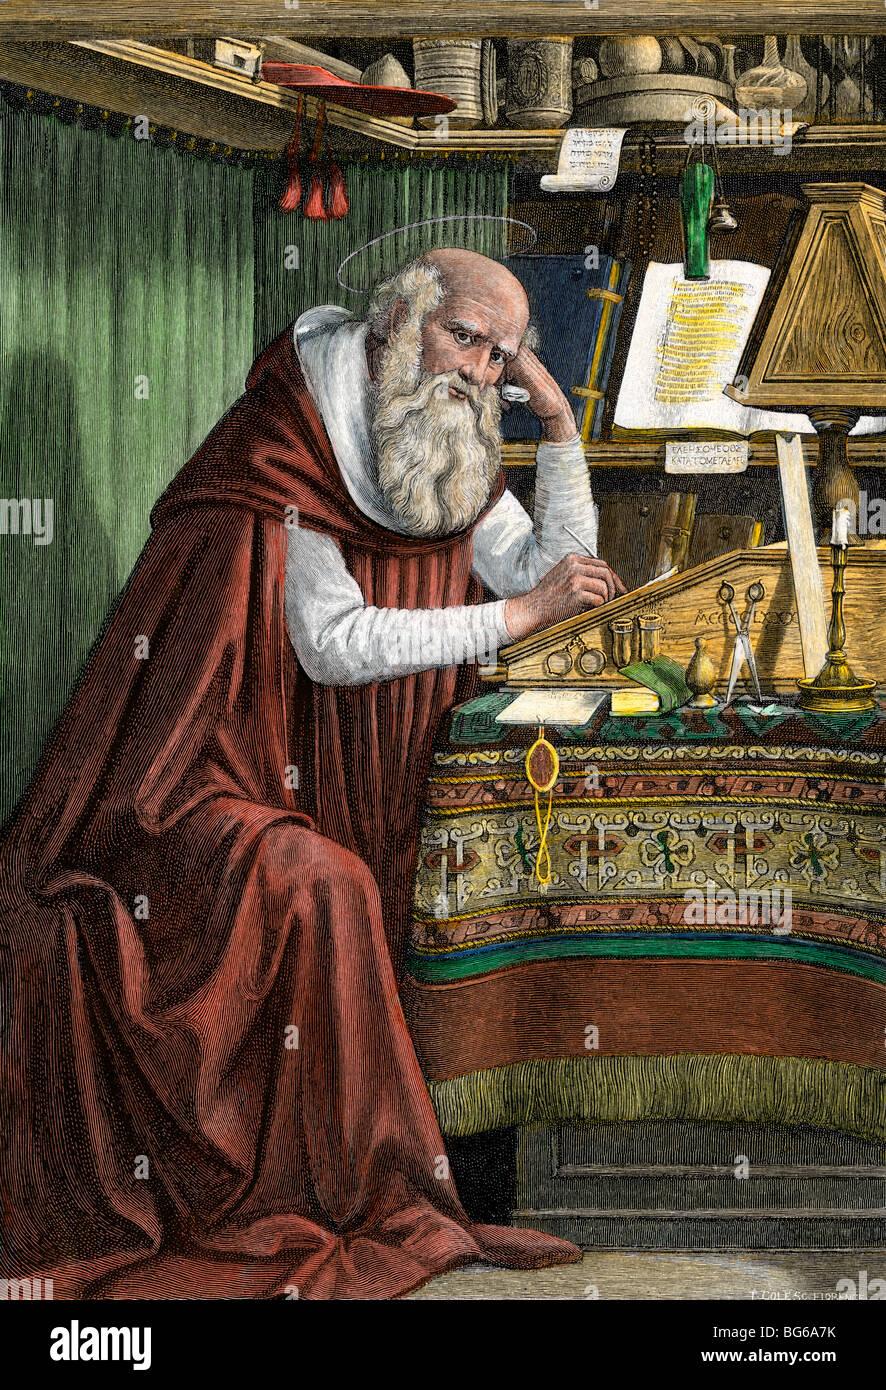 Der Heilige Hieronymus Übersetzung der Bibel ins lateinische, die Vulgata genannt Stockbild